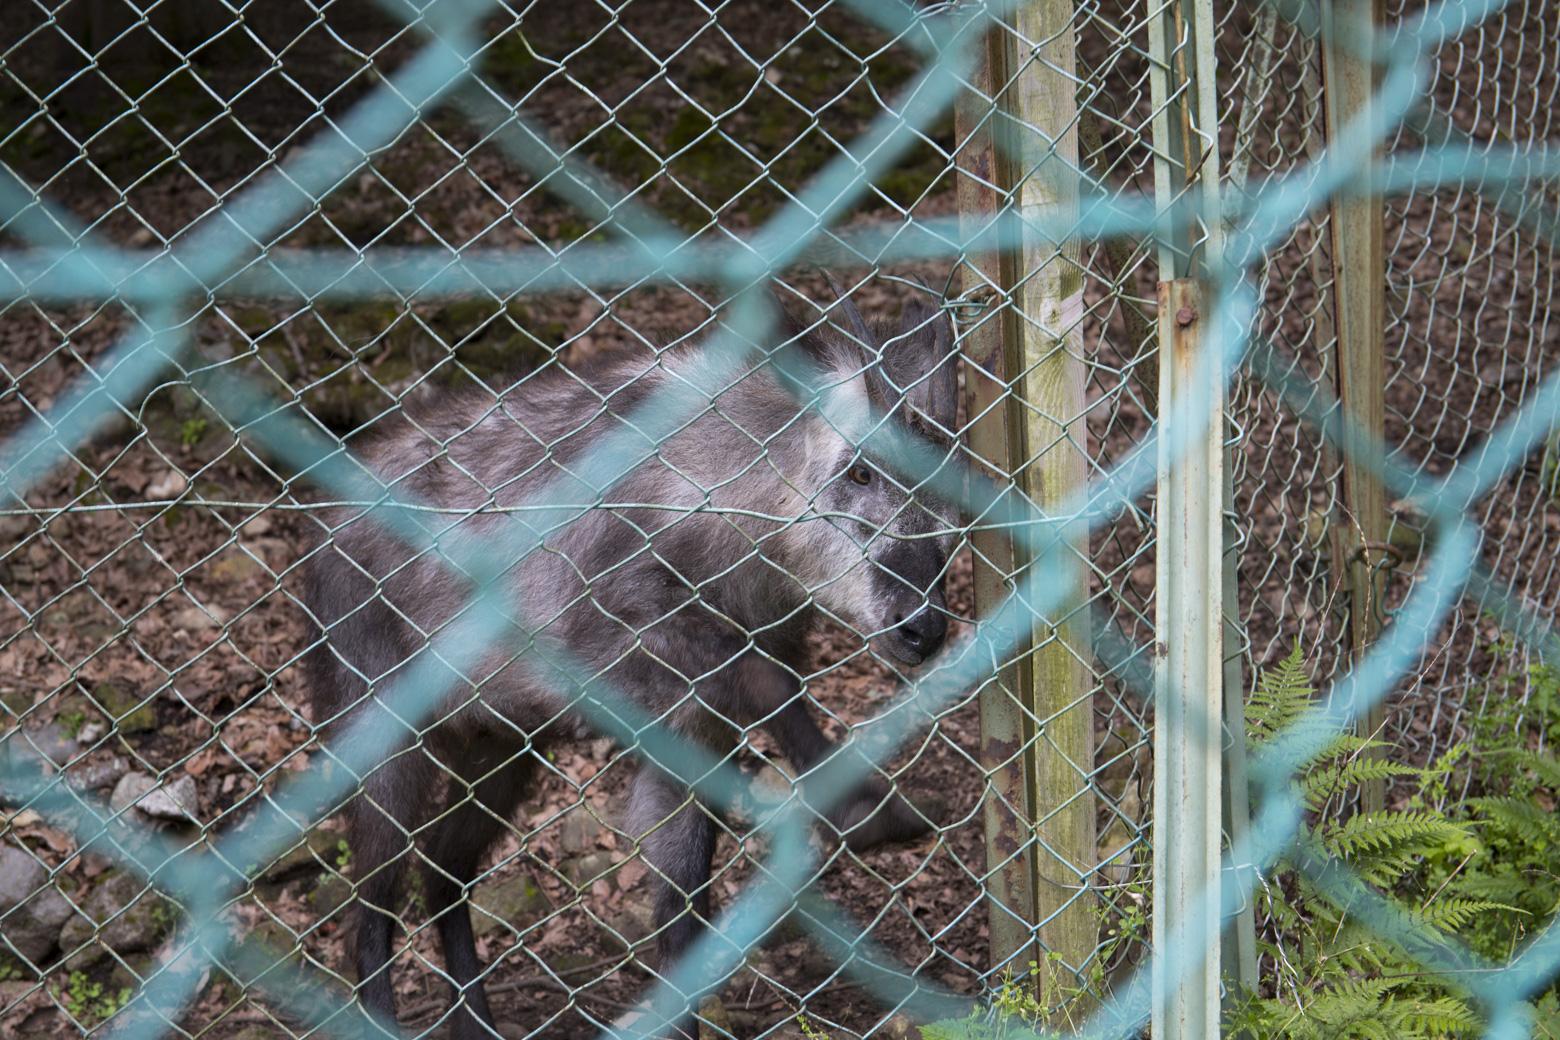 付属園で飼育されている二ホンカモシカ